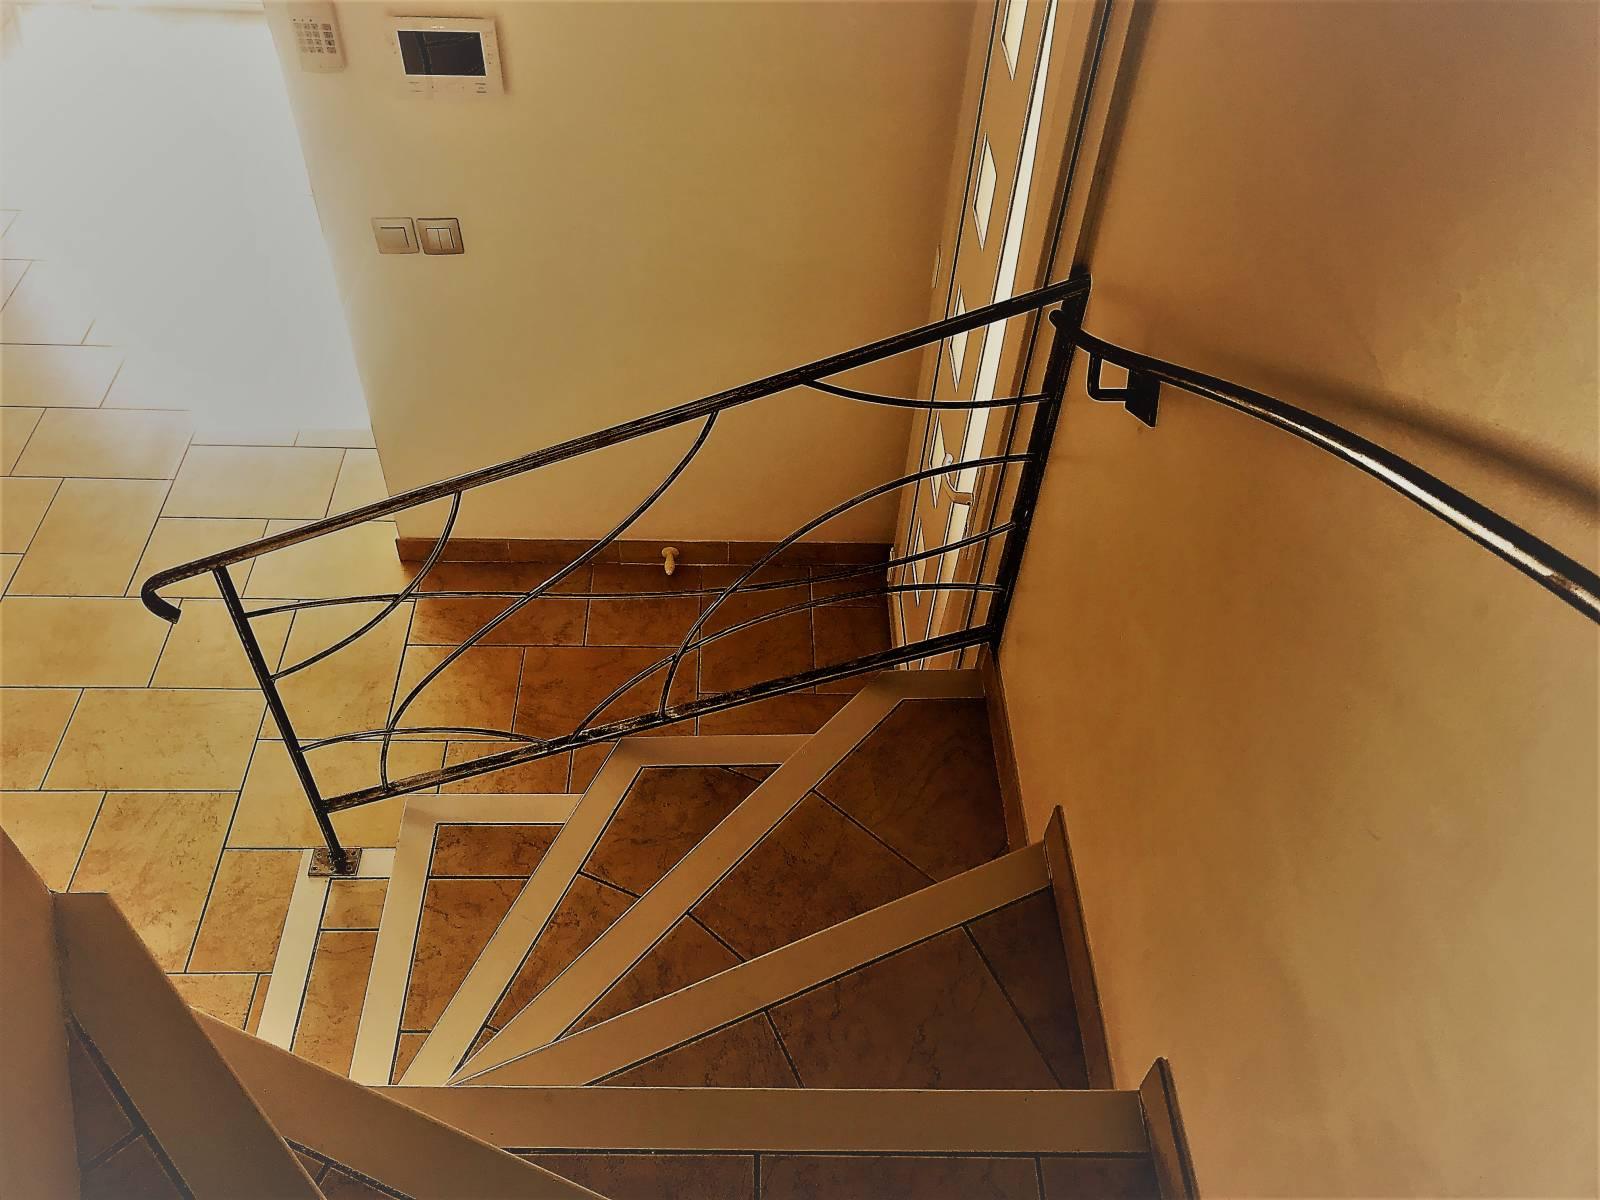 rampes d 39 escalier en fer forg sur mesure marseille 13004 freestyle forge. Black Bedroom Furniture Sets. Home Design Ideas